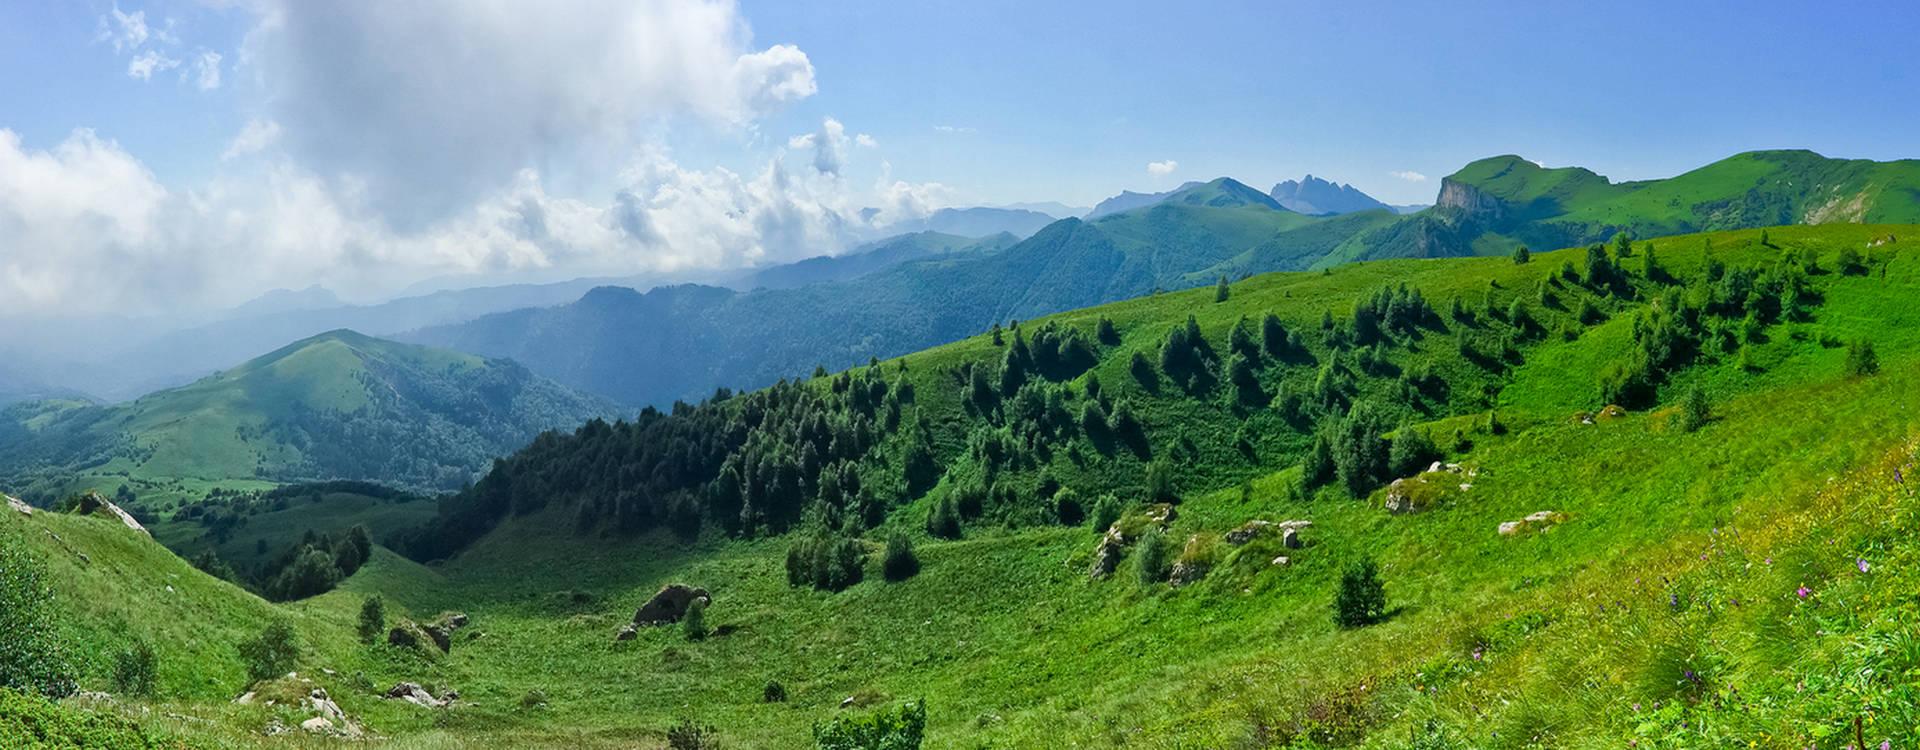 Конные прогулки в горах Адыгеи